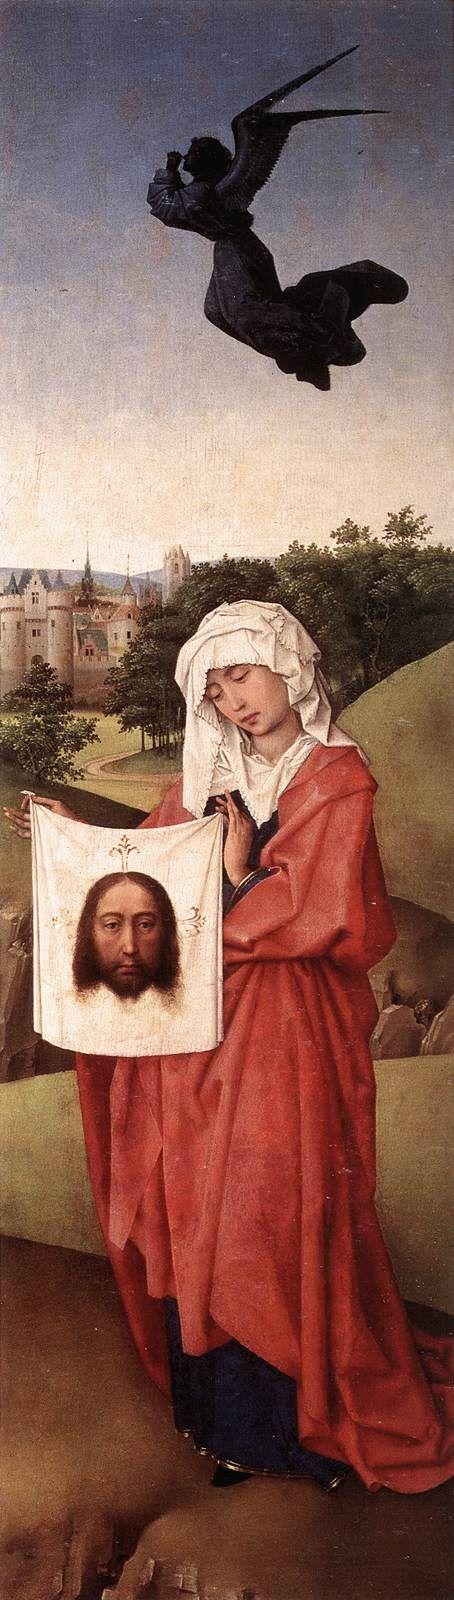 1399 - 1464 Rogier van der Weyden, Triptyque de la crucifixion (aile droite), v. 1445, Kunsthistorisches Museum, Vienne 9d8d48fbc2a526466575f15dbafd4cae